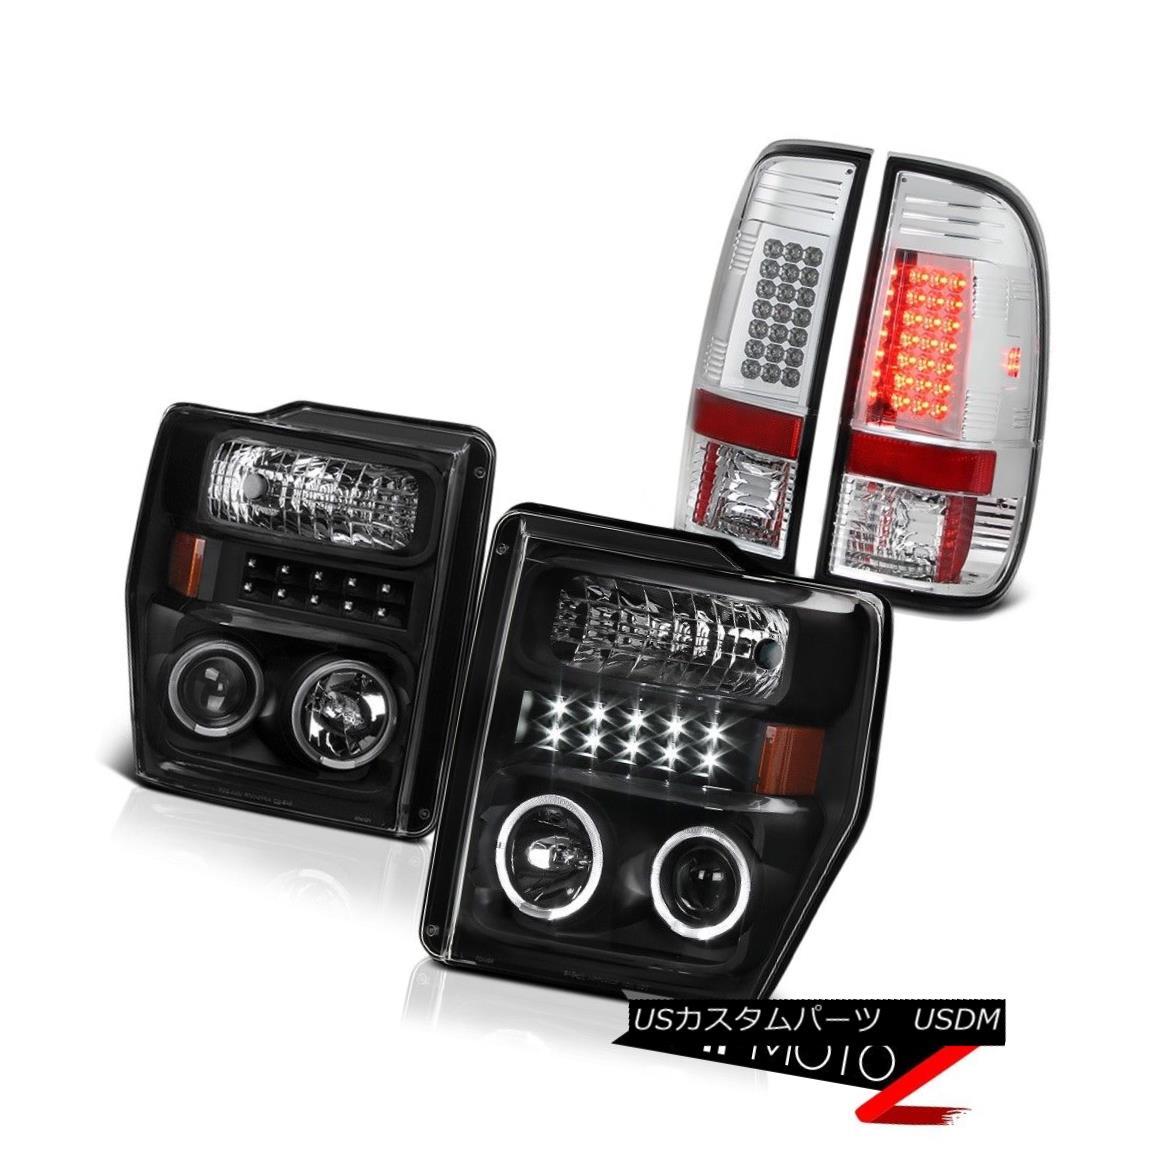 テールライト 2008-2010 Ford Superduty 6.8L King Ranch Angle Eye Headlights LED Tail Light Set 2008-2010フォードスーパーデューティ6.8LキングランチエンジェルアイヘッドライトLEDテールライトセット